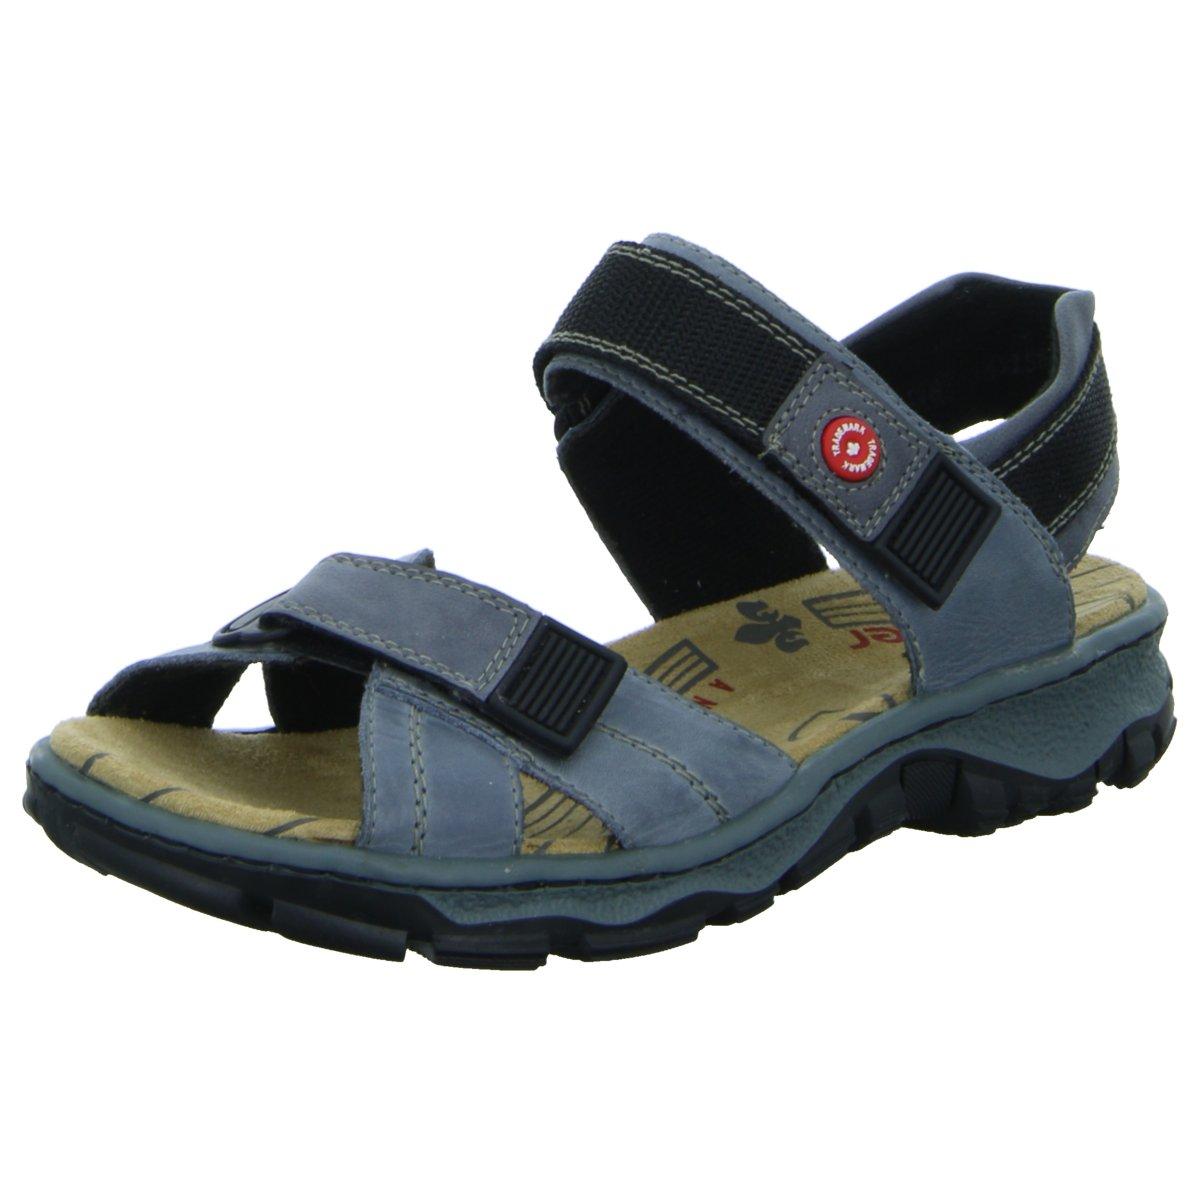 NEU Rieker Damen Sandaletten Sandalette sportlicher Boden 68851-12 blau 276570